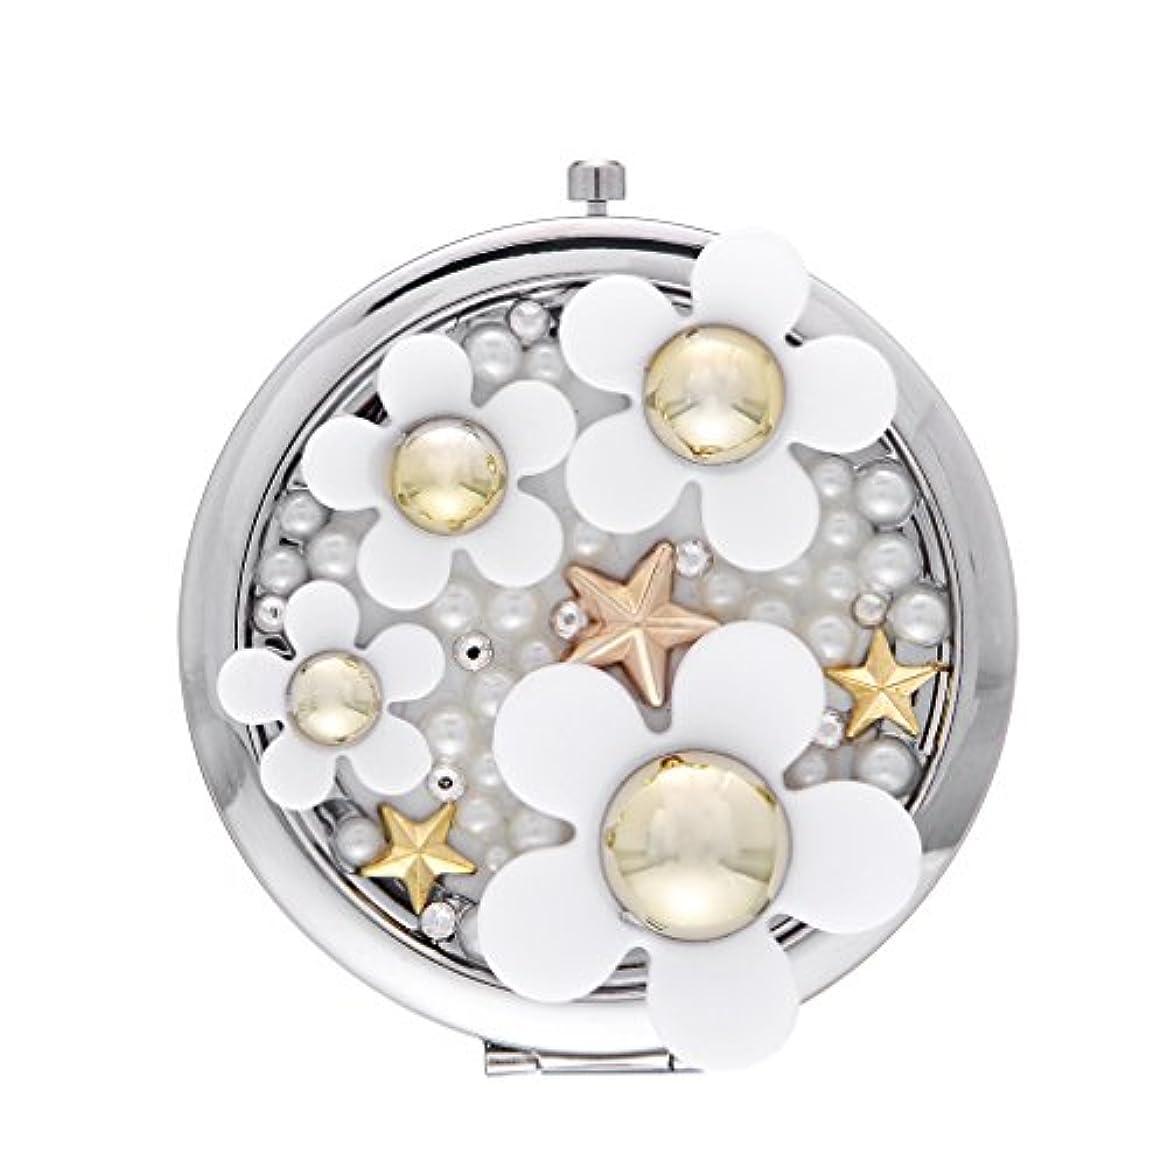 簡略化する尊厳おかしいEOZY オシャレで可愛いデイジーデザイン手鏡ハンドミラー折りたたみ7*7cmレディースガールズ化粧お出かけ